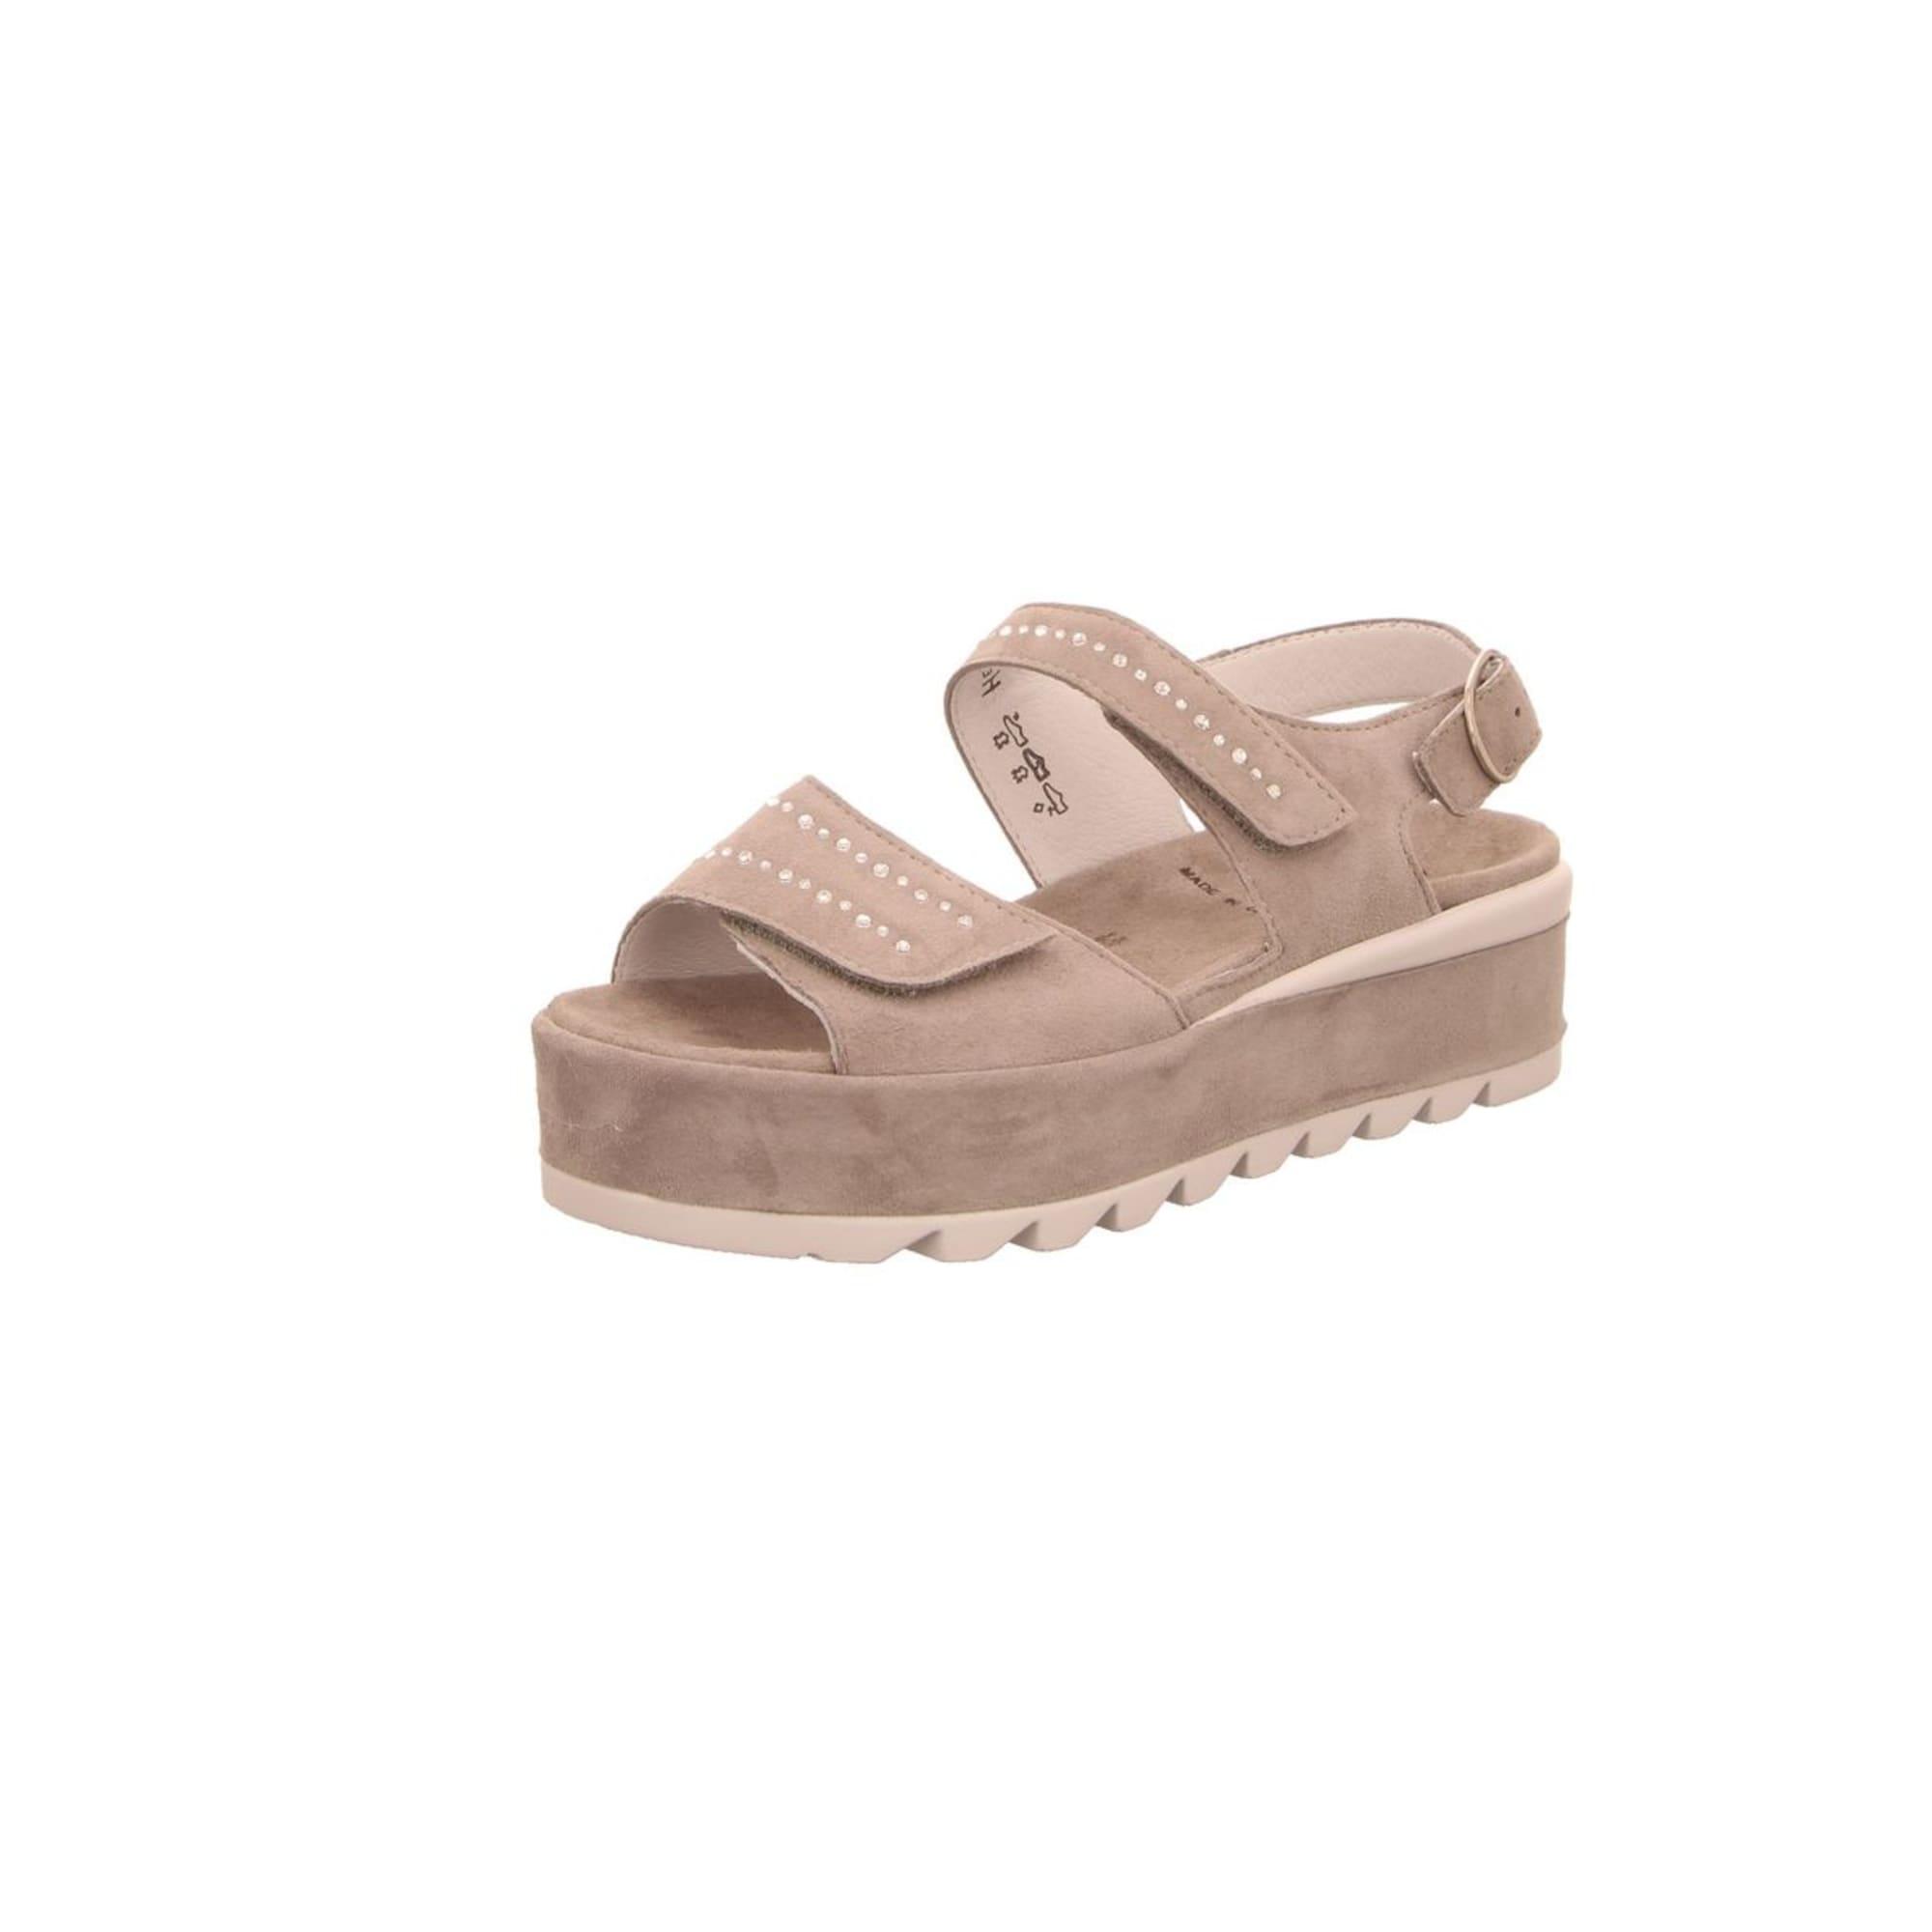 Riemensandale | Schuhe > Sandalen & Zehentrenner | Semler